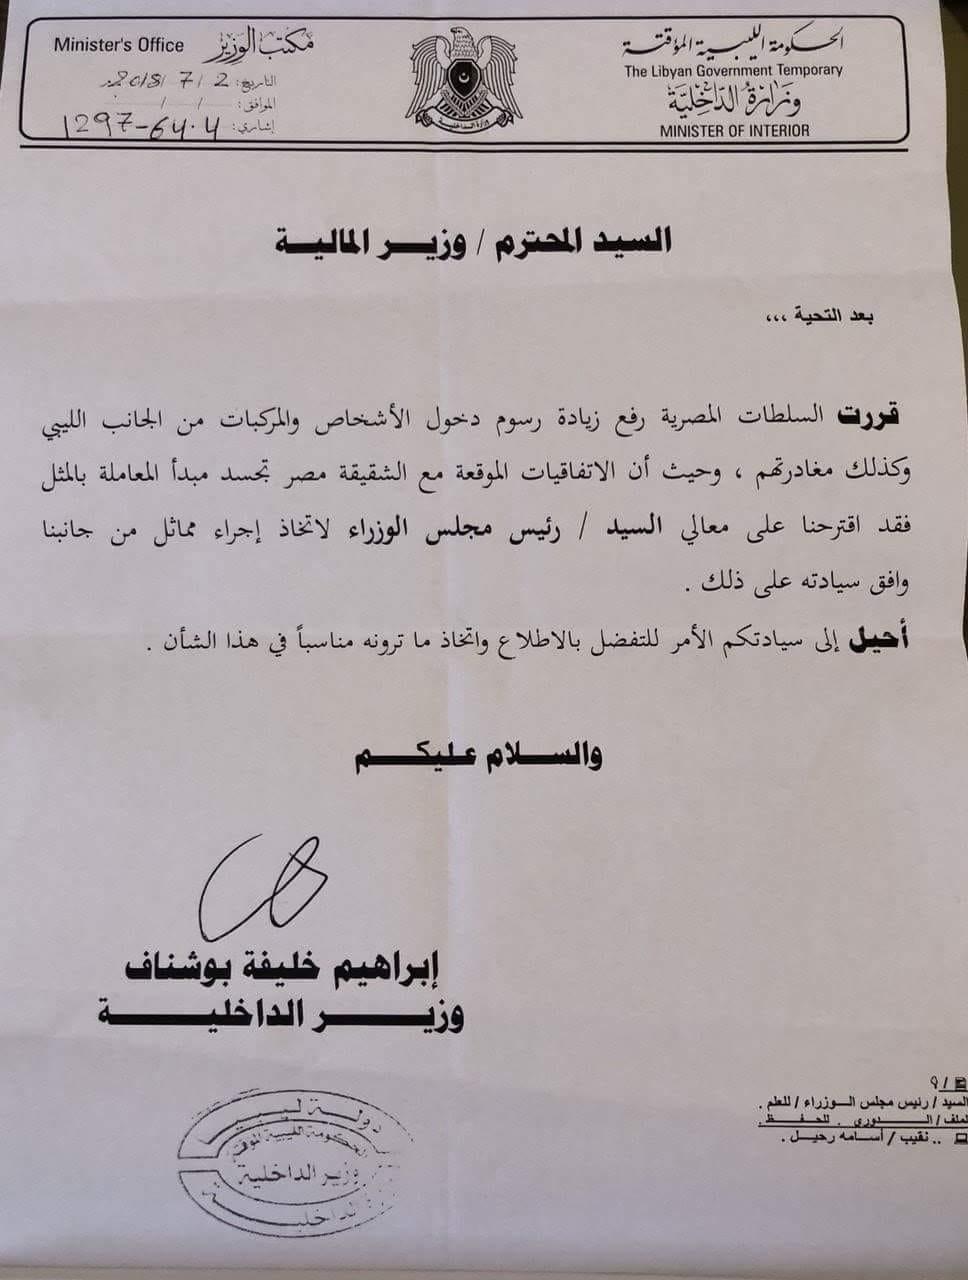 وثيقة ليبيا